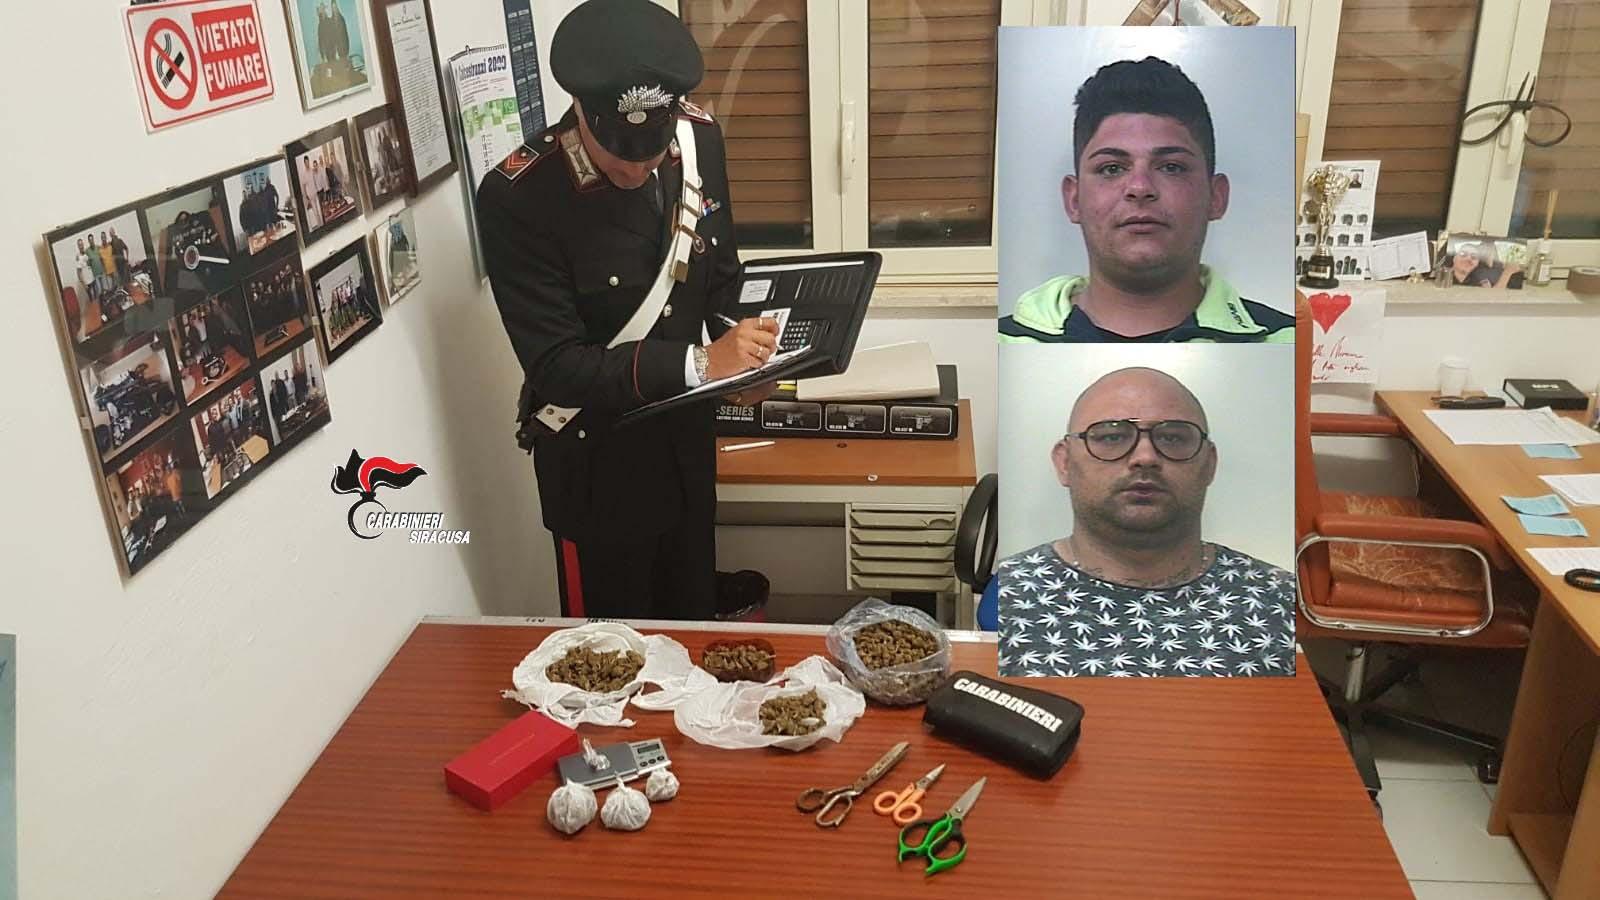 Hashish e marijuana già in dosi: due arresti a Noto per spaccio di stupefacenti